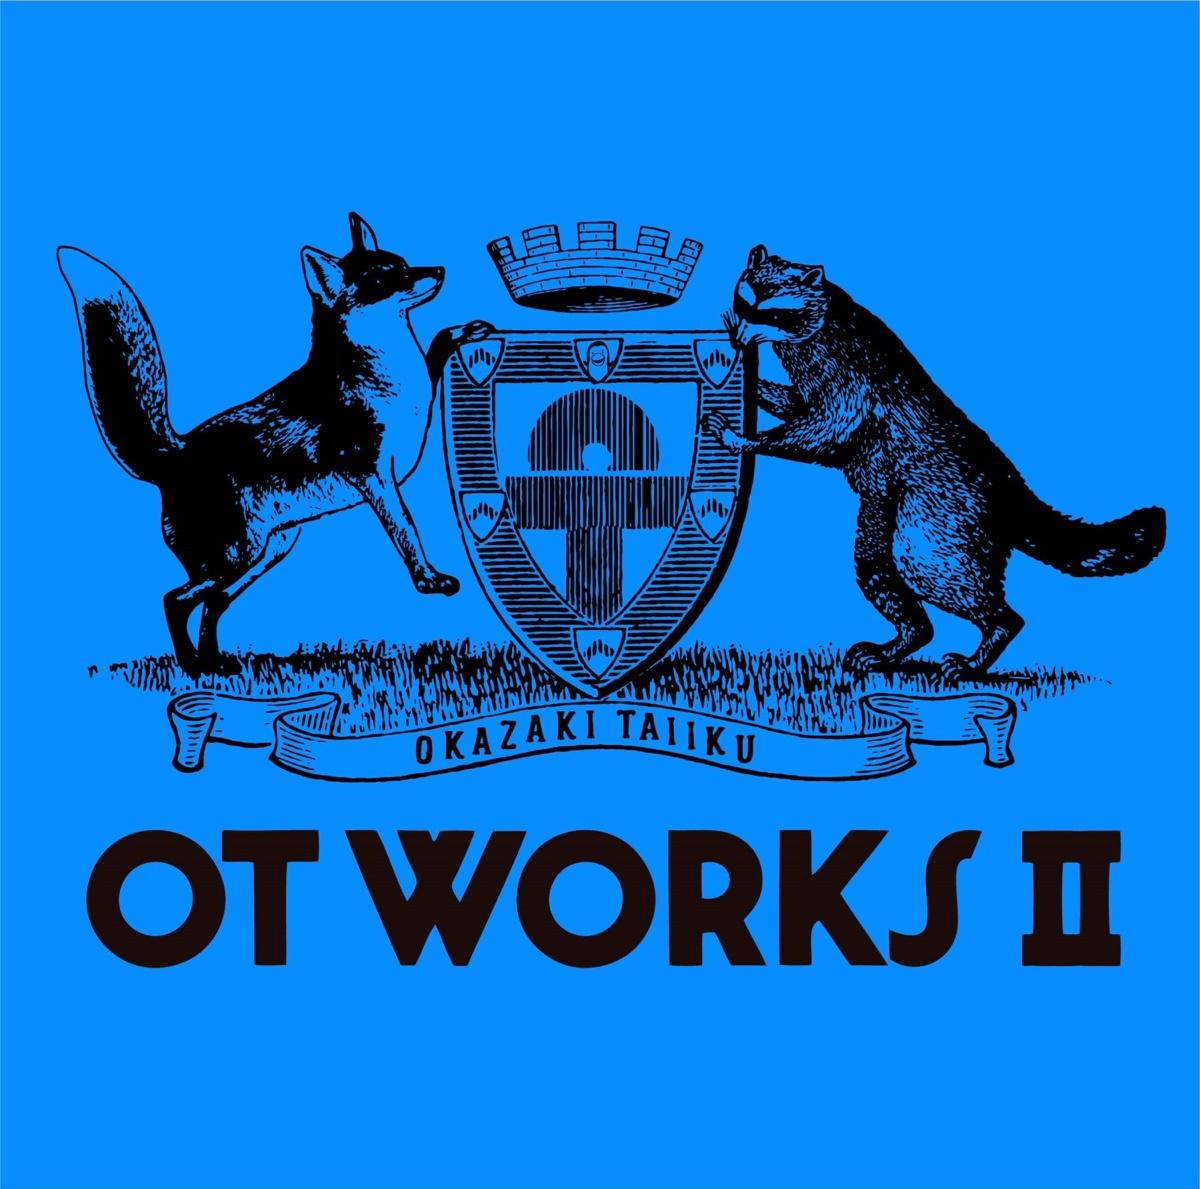 『岡崎体育 - 孫の代まで』収録の『OT WORKS II』ジャケット